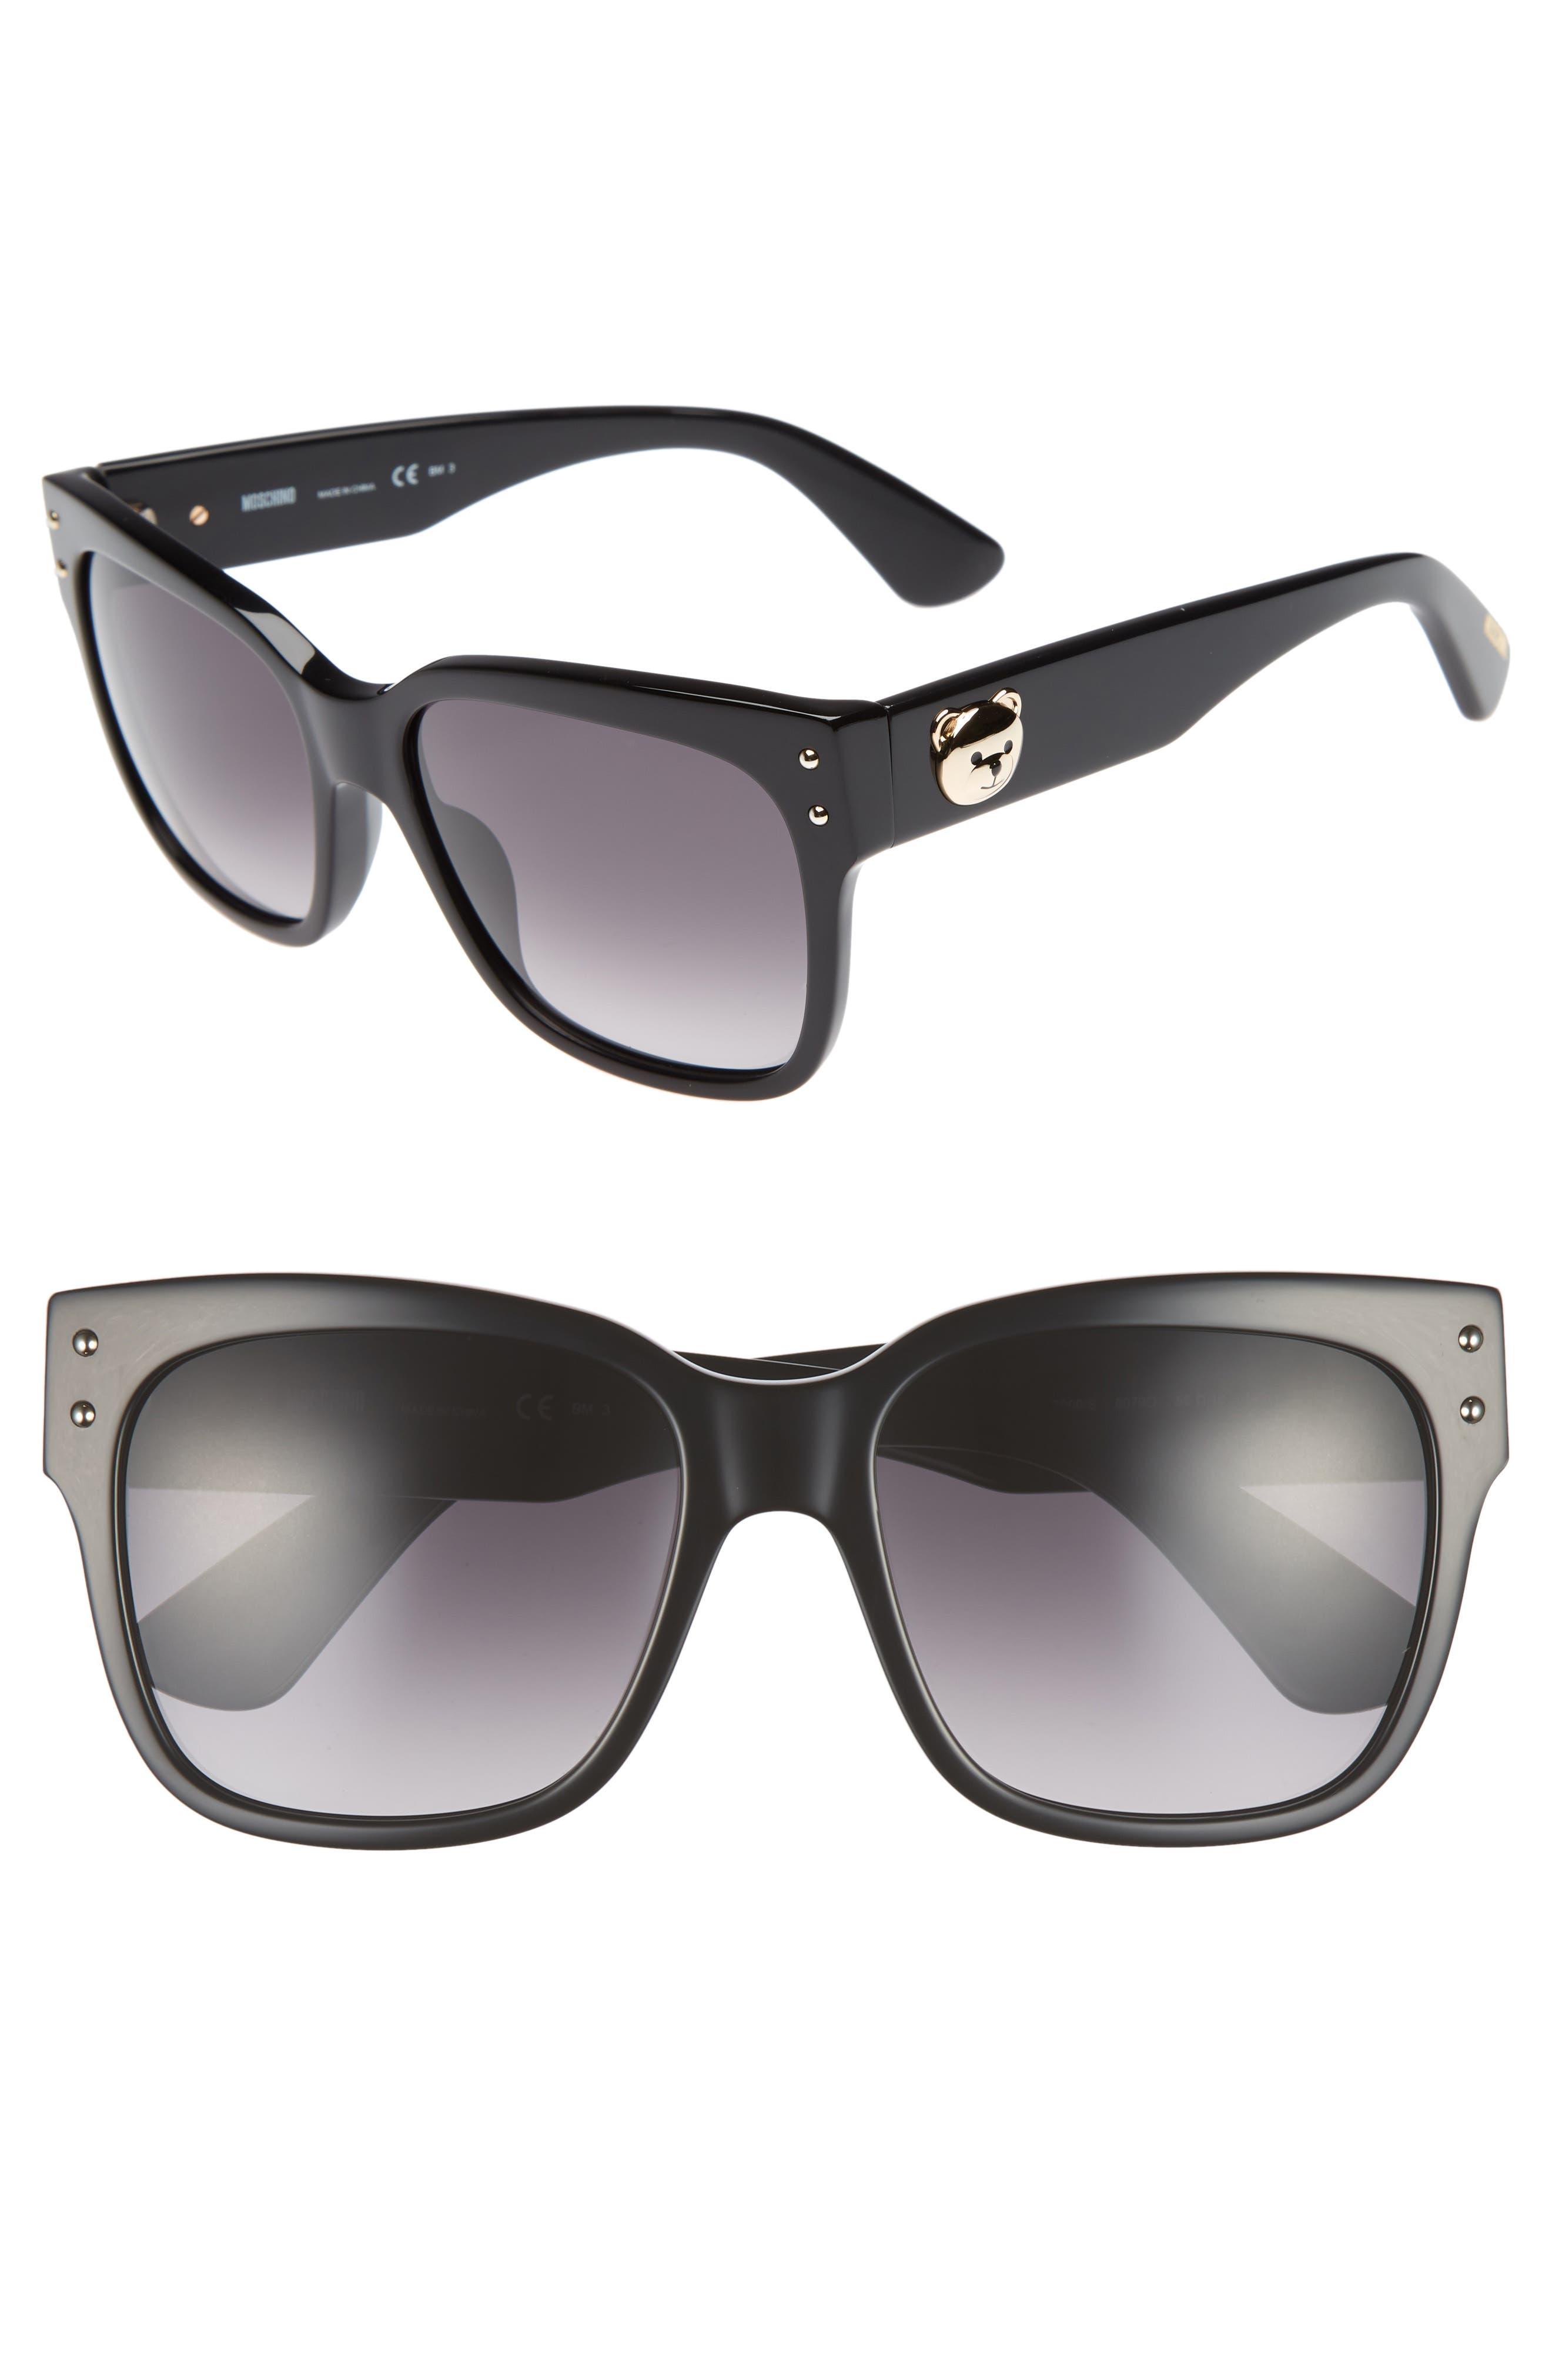 56mm Gradient Lens Sunglasses,                             Main thumbnail 1, color,                             BLACK